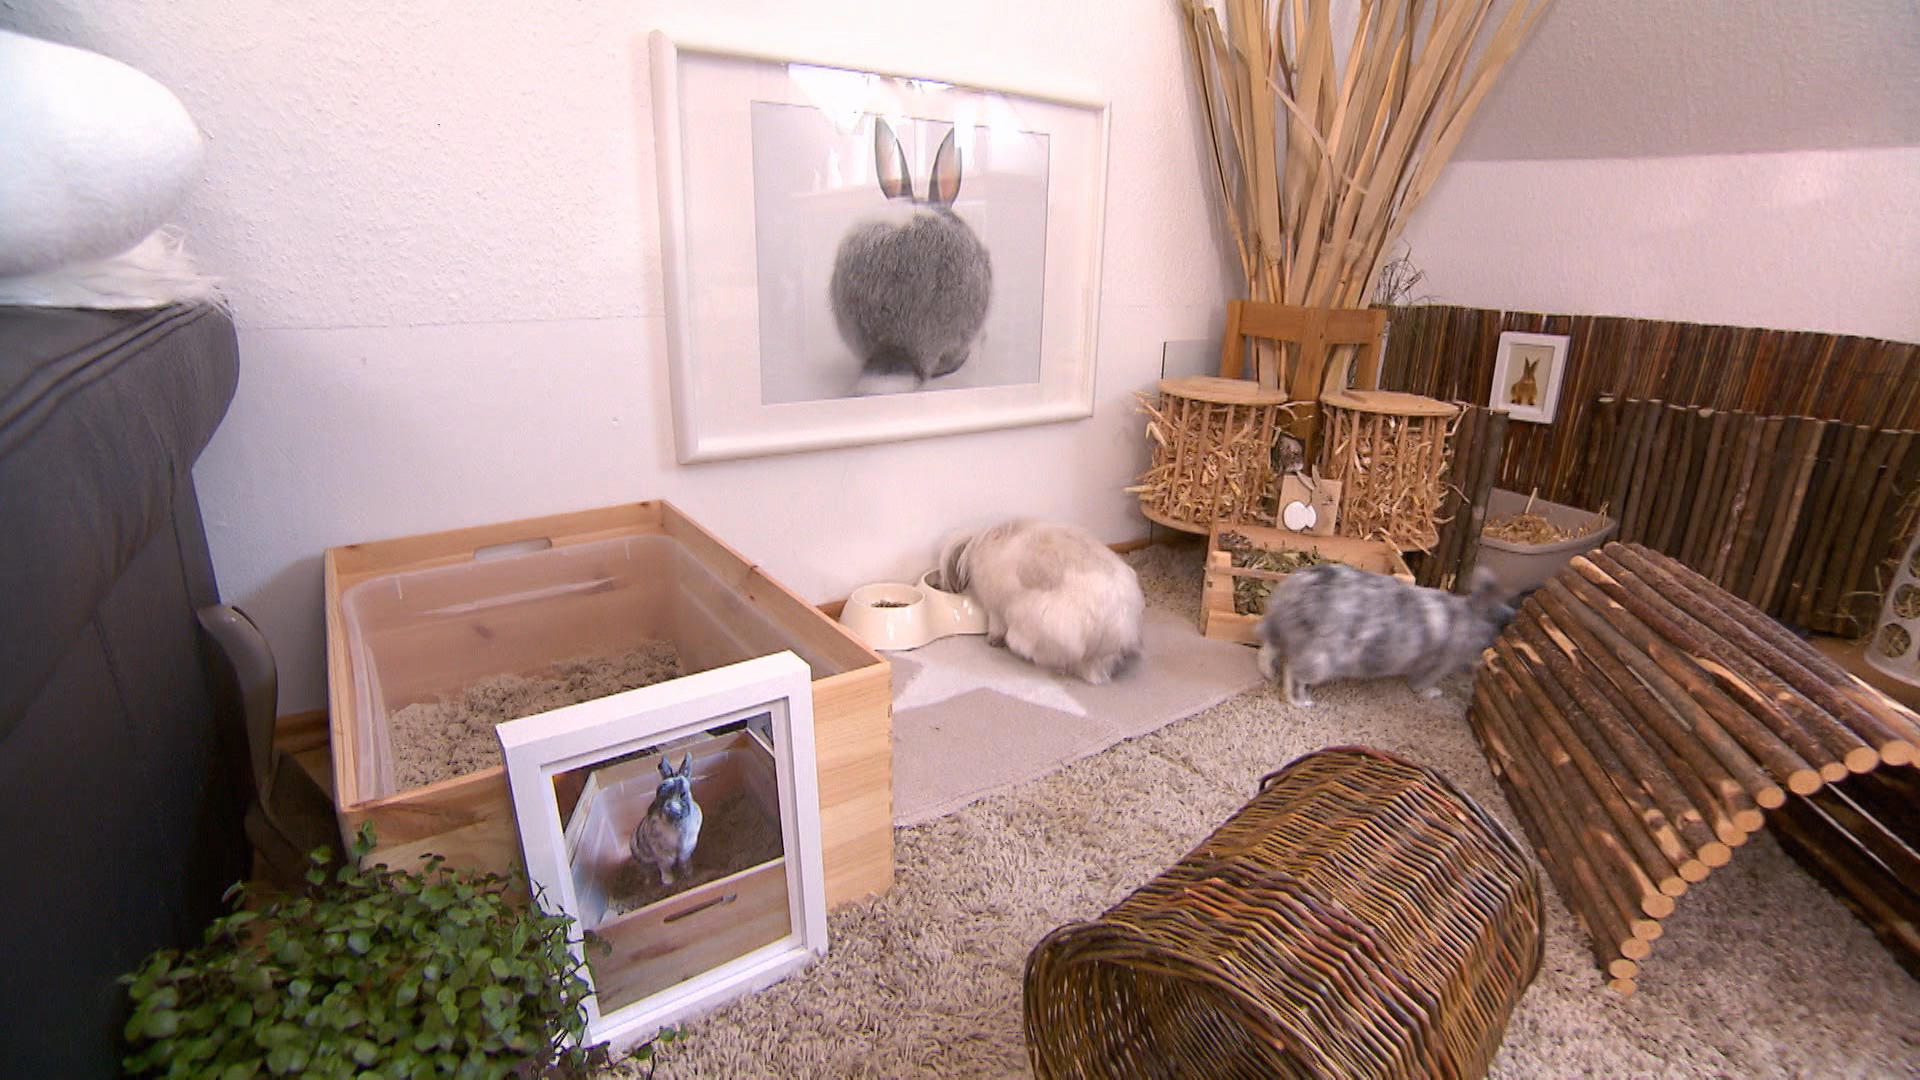 hundkatzemaus: diana zeigt kaninchen in wohnungshaltung